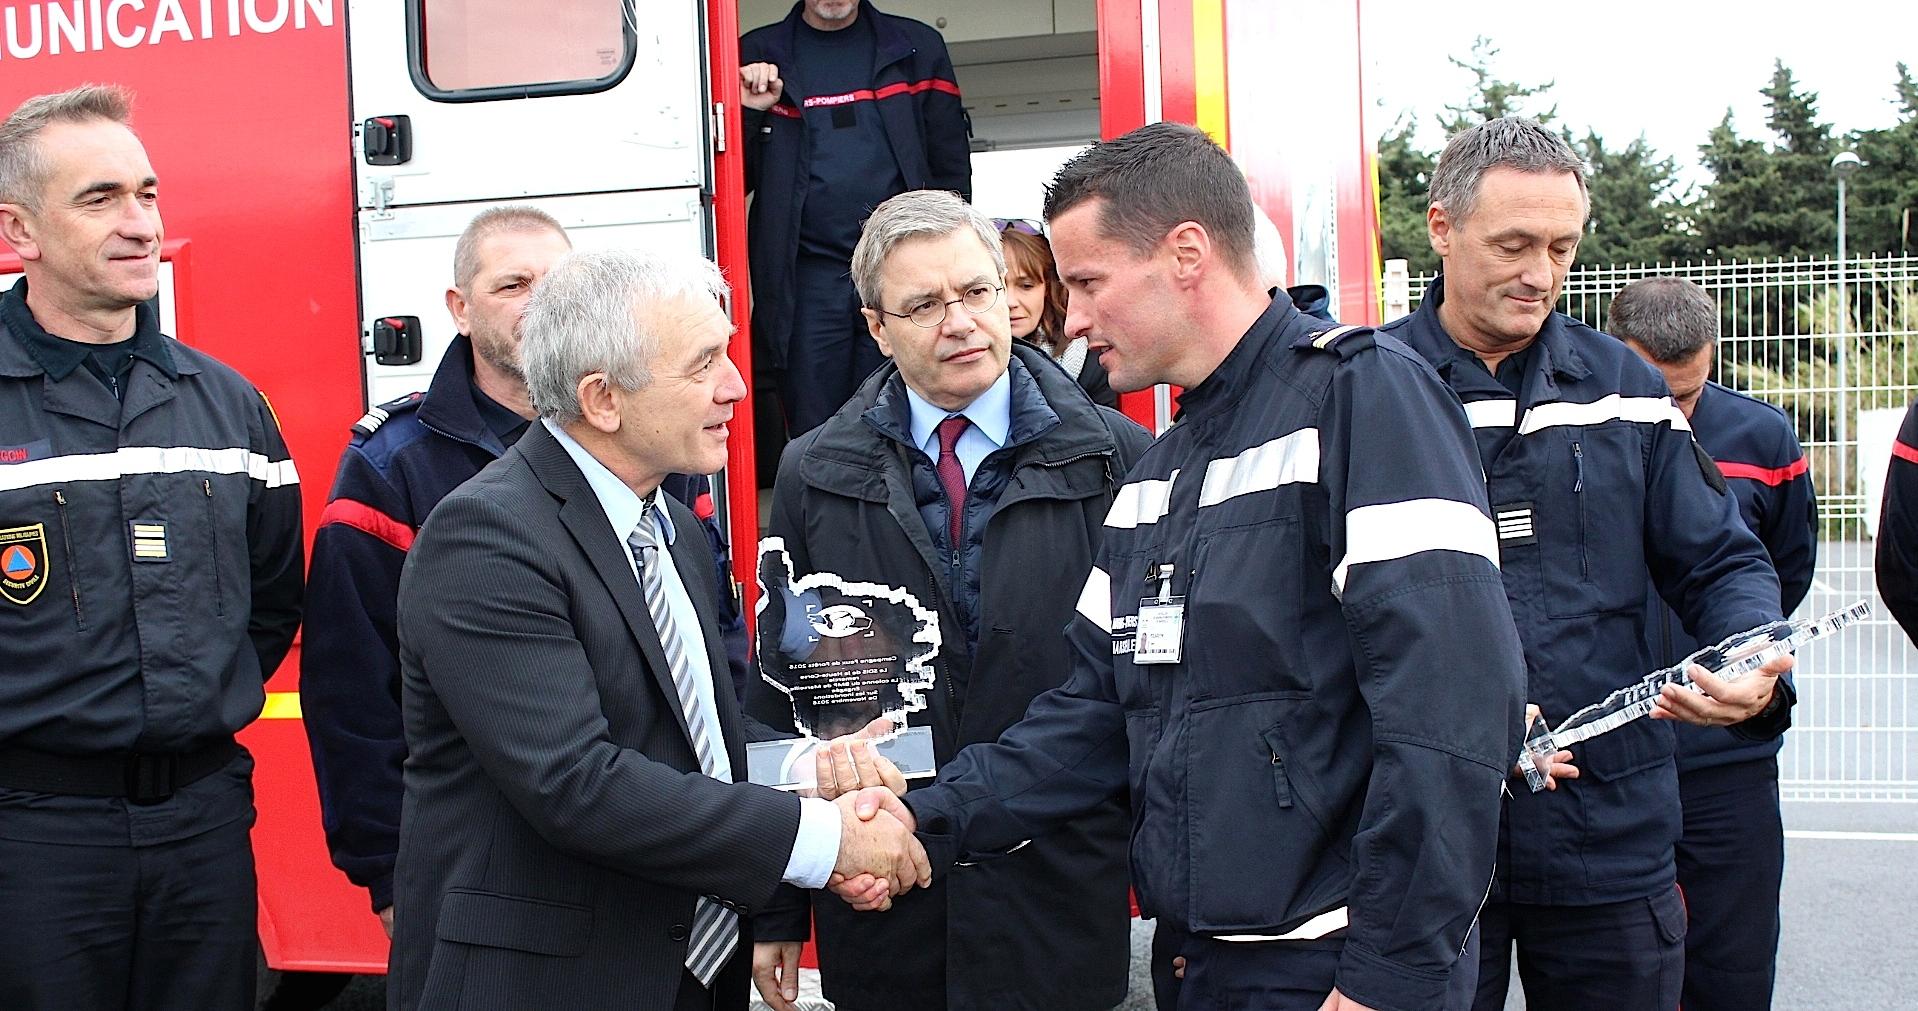 Un hommage rendu aux unités de renfort venues soutenir le département face aux inondations